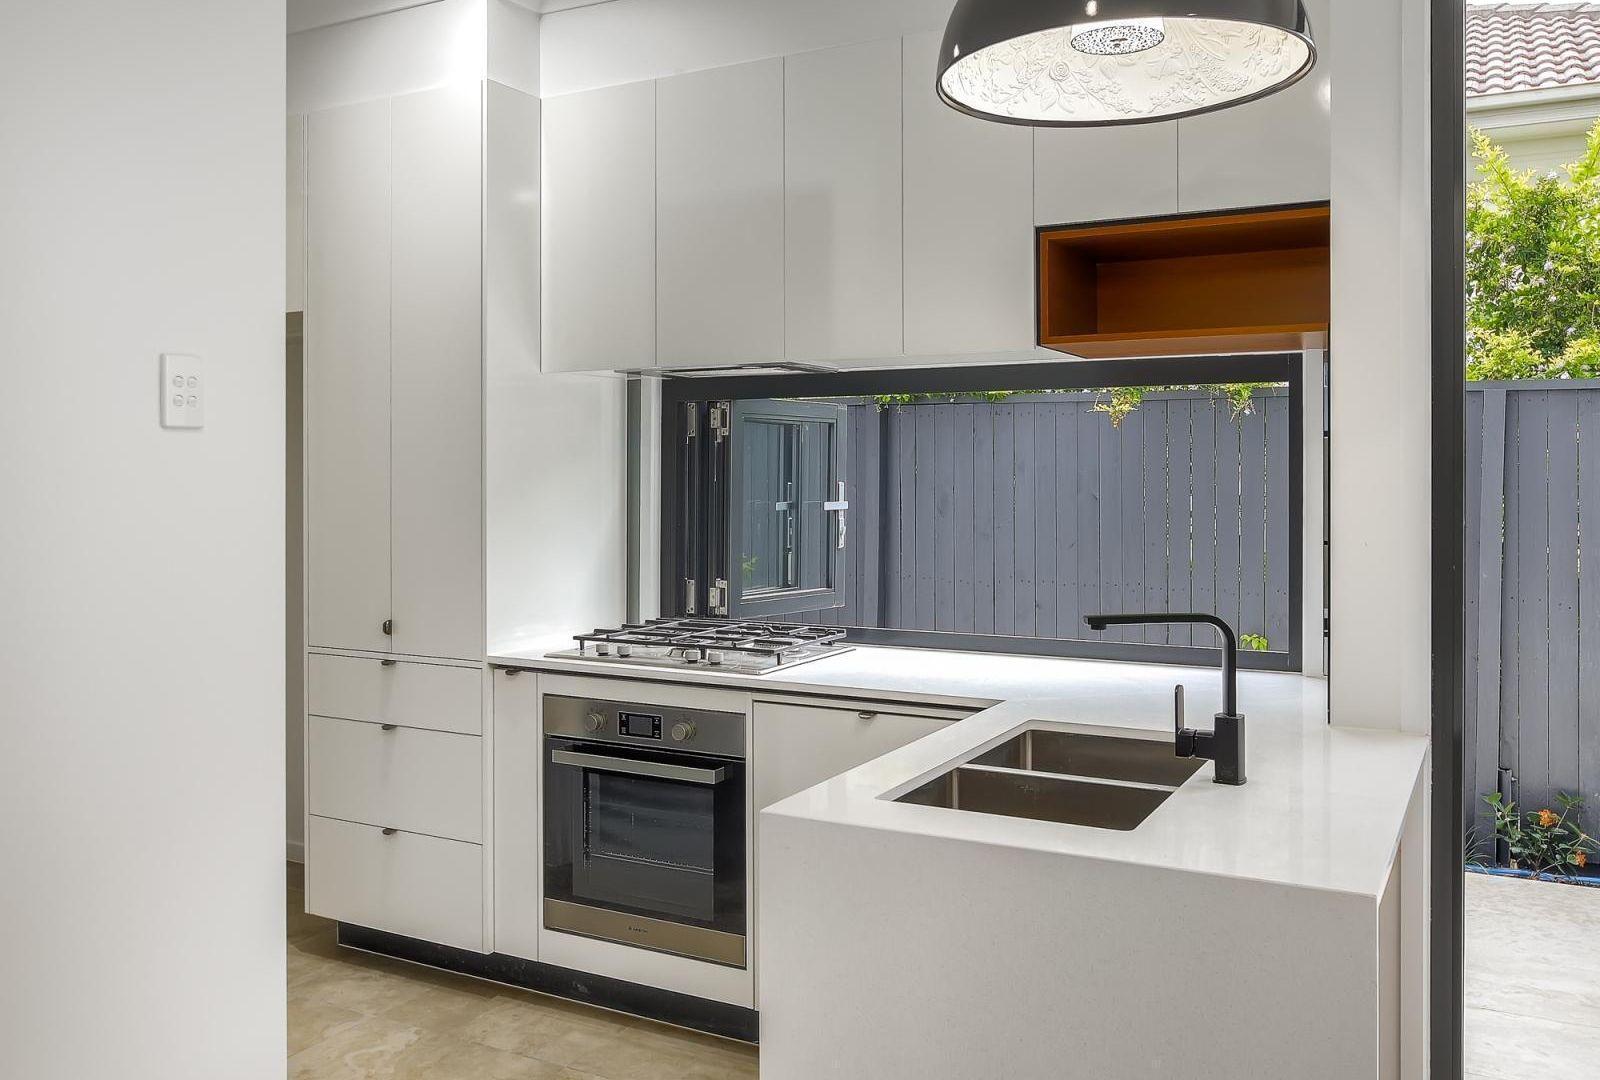 3/16 Wilton Terrace, Yeronga QLD 4104, Image 2